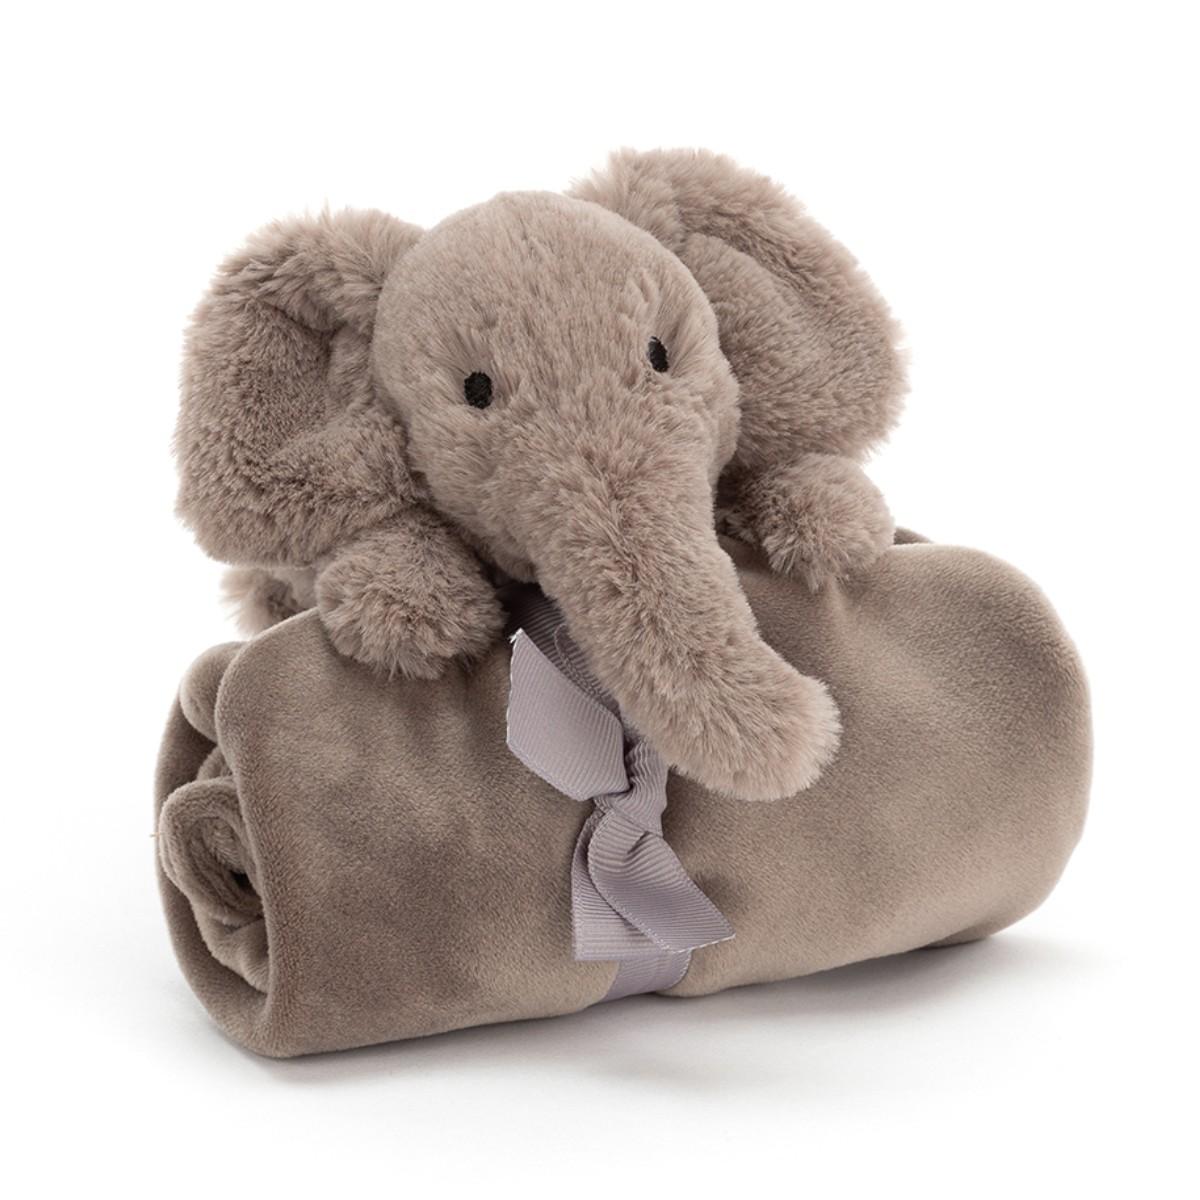 Shooshu elefant nusseklud